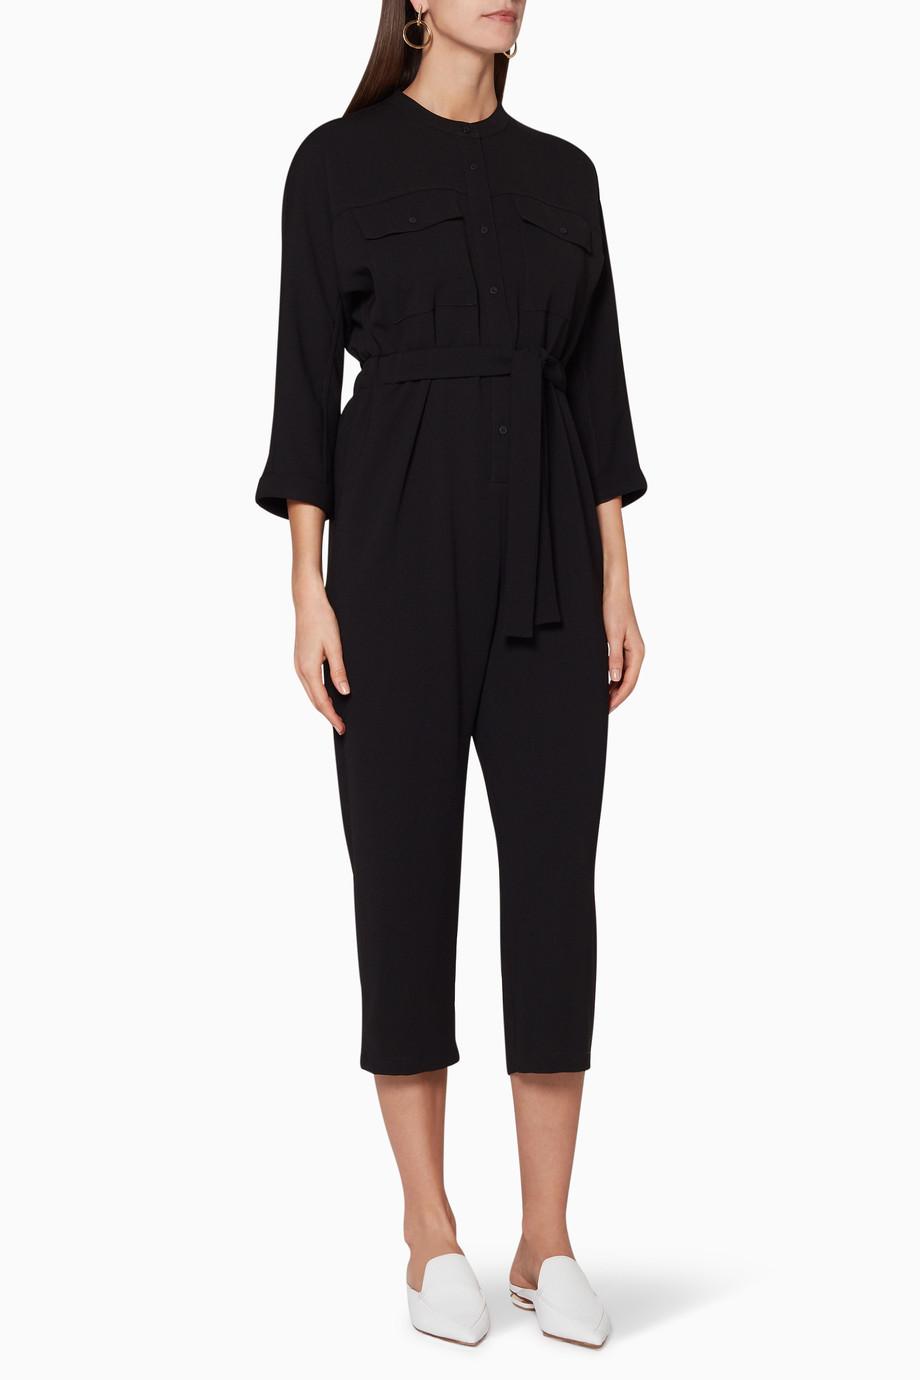 3199abd888f Shop WHISTLES Black Utility Crepe Jumpsuit for Women